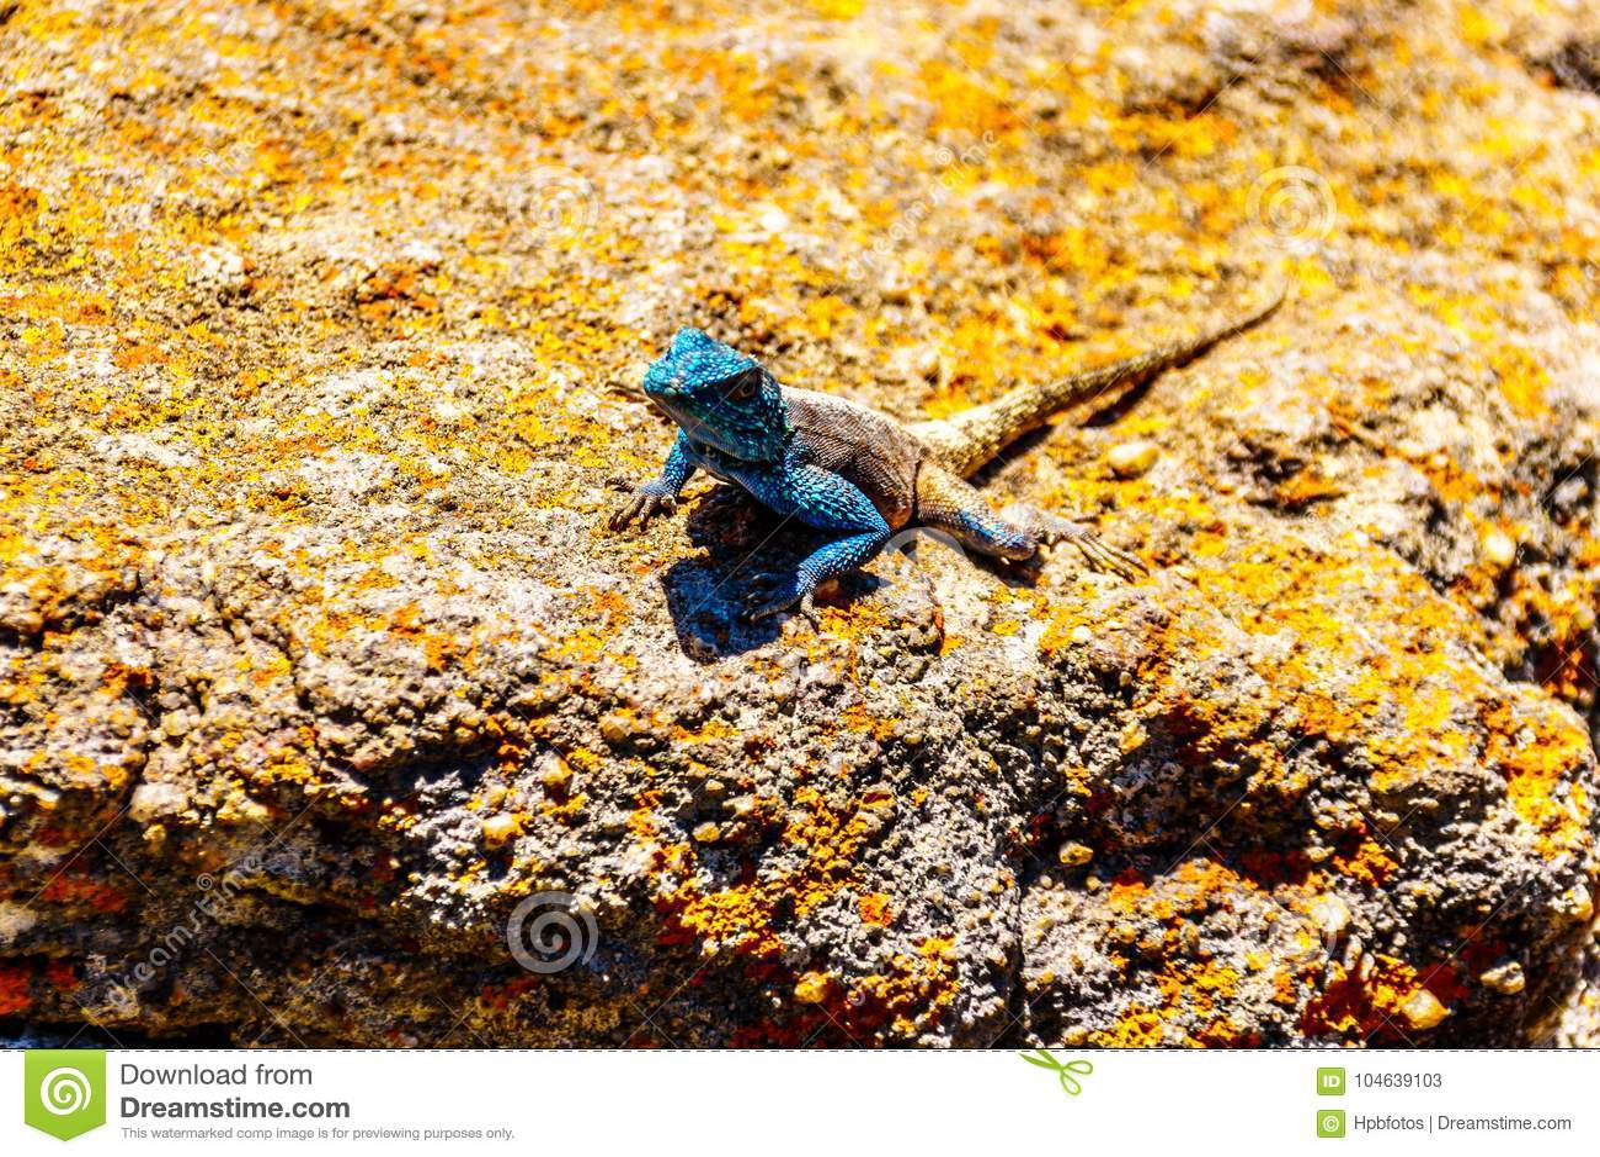 Download Zuidelijke Rotsagama Hagedis, Of Agama Atra Stock Afbeelding - Afbeelding bestaande uit metaal, bergen: 104639103